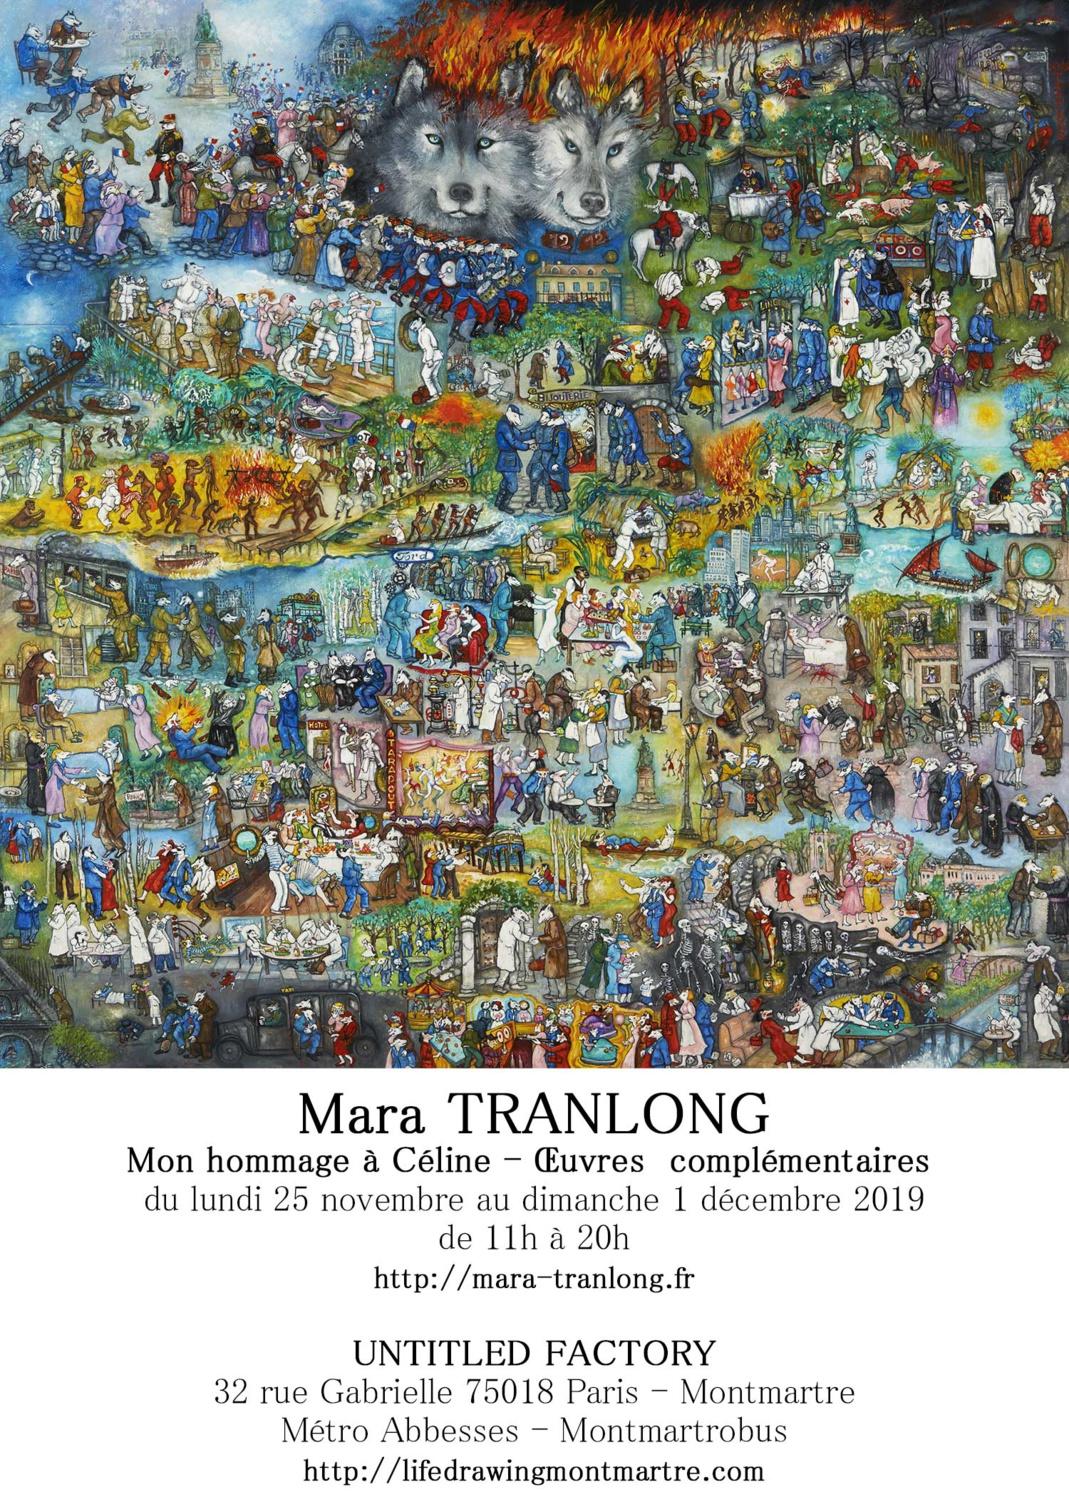 Exposition de Mara Tranlong à Montmartre en hommage à Louis-Ferdinand Céline à partir du 25 novembre 2019